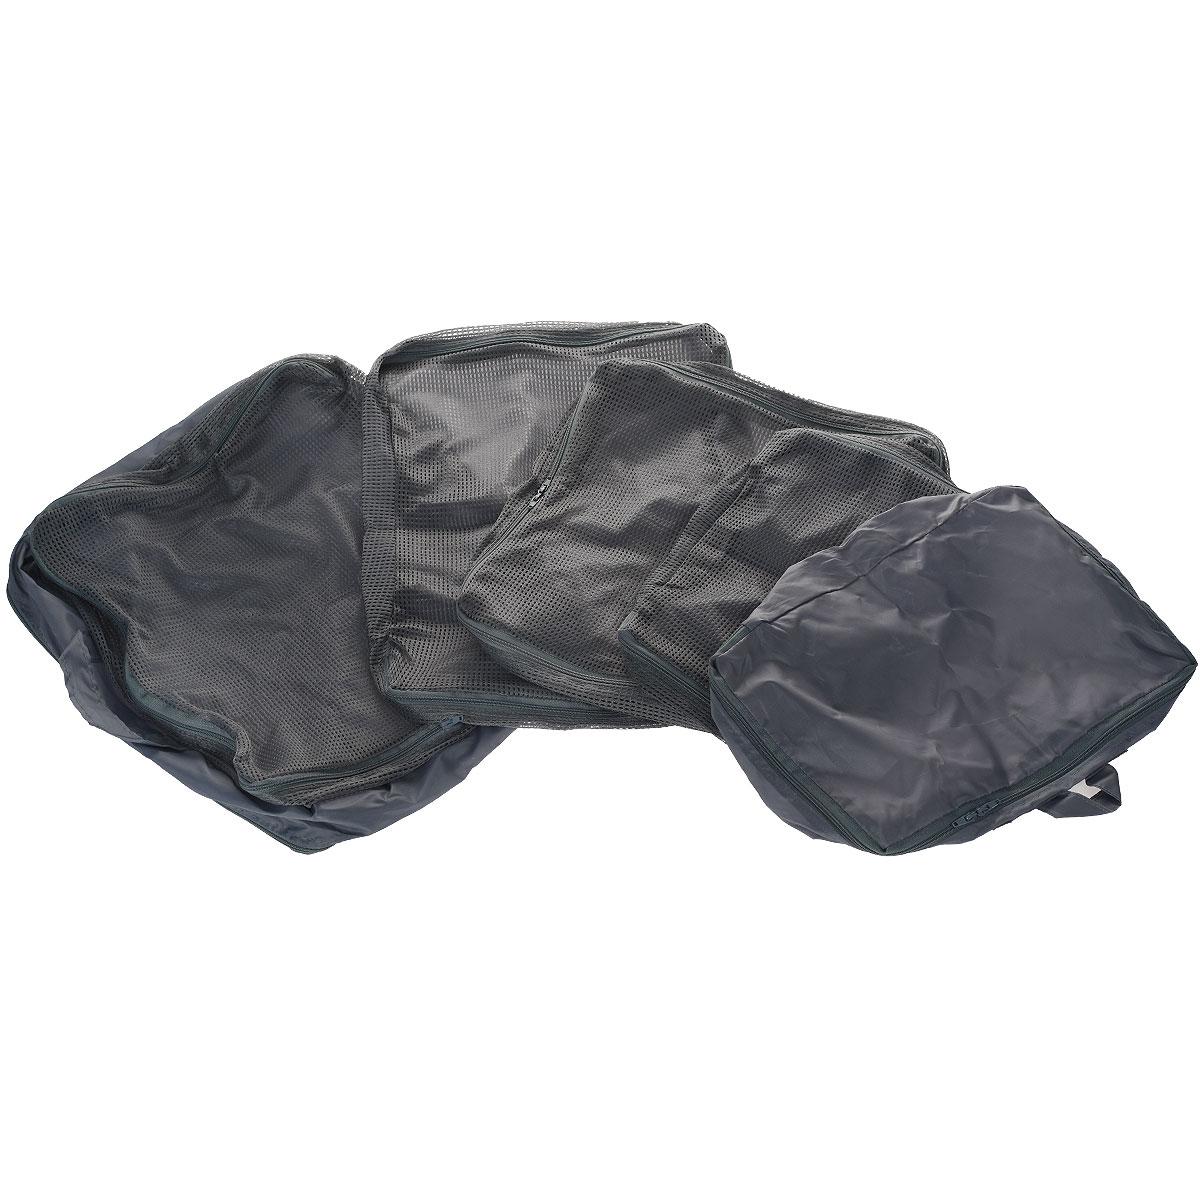 Набор чехлов для путешествий Bradex  Бон Вояж , цвет: серый. TD 0222 - Полезные мелочи